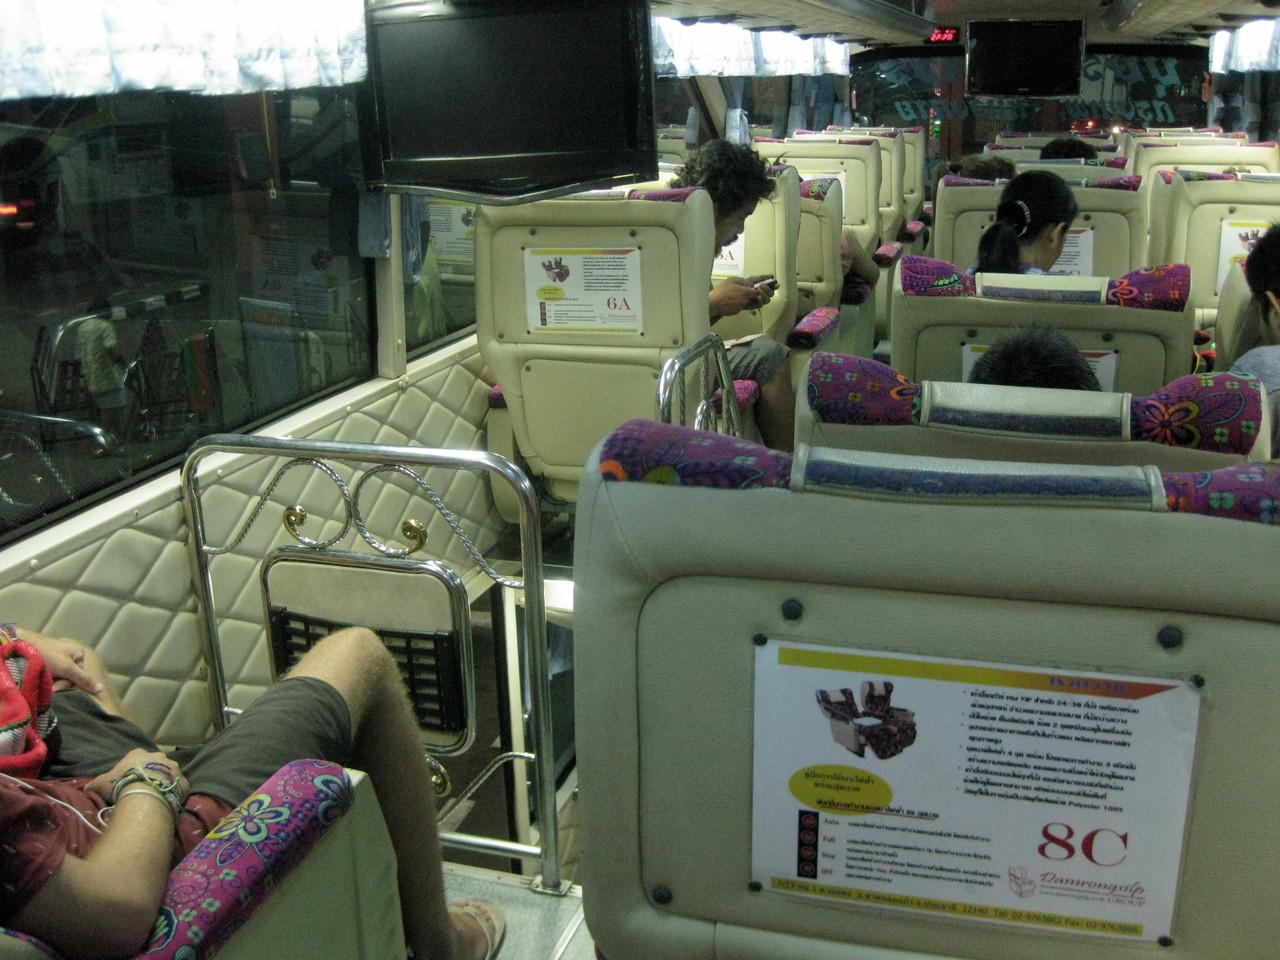 ビエンチャン〜バンコク・カウサーン直通のバスの切符を買ったのに、実際はビエンチャンからは乗り合い軽トラックに国境まで乗せられ、そこで出国手続きを済ませ、今度はぼろバスに乗って国境の橋を渡り、タイの入国手続きをして、ピックアップに乗せられてノンカーイのバスターミナルへ。ここでやっときれいな2階建てバスに乗ることができた。座席はマッサージマシン付きだった。しかし、カオサーンまでは行かずに、バンコクの北ターミナルに夜明け前に降ろされてしまった。